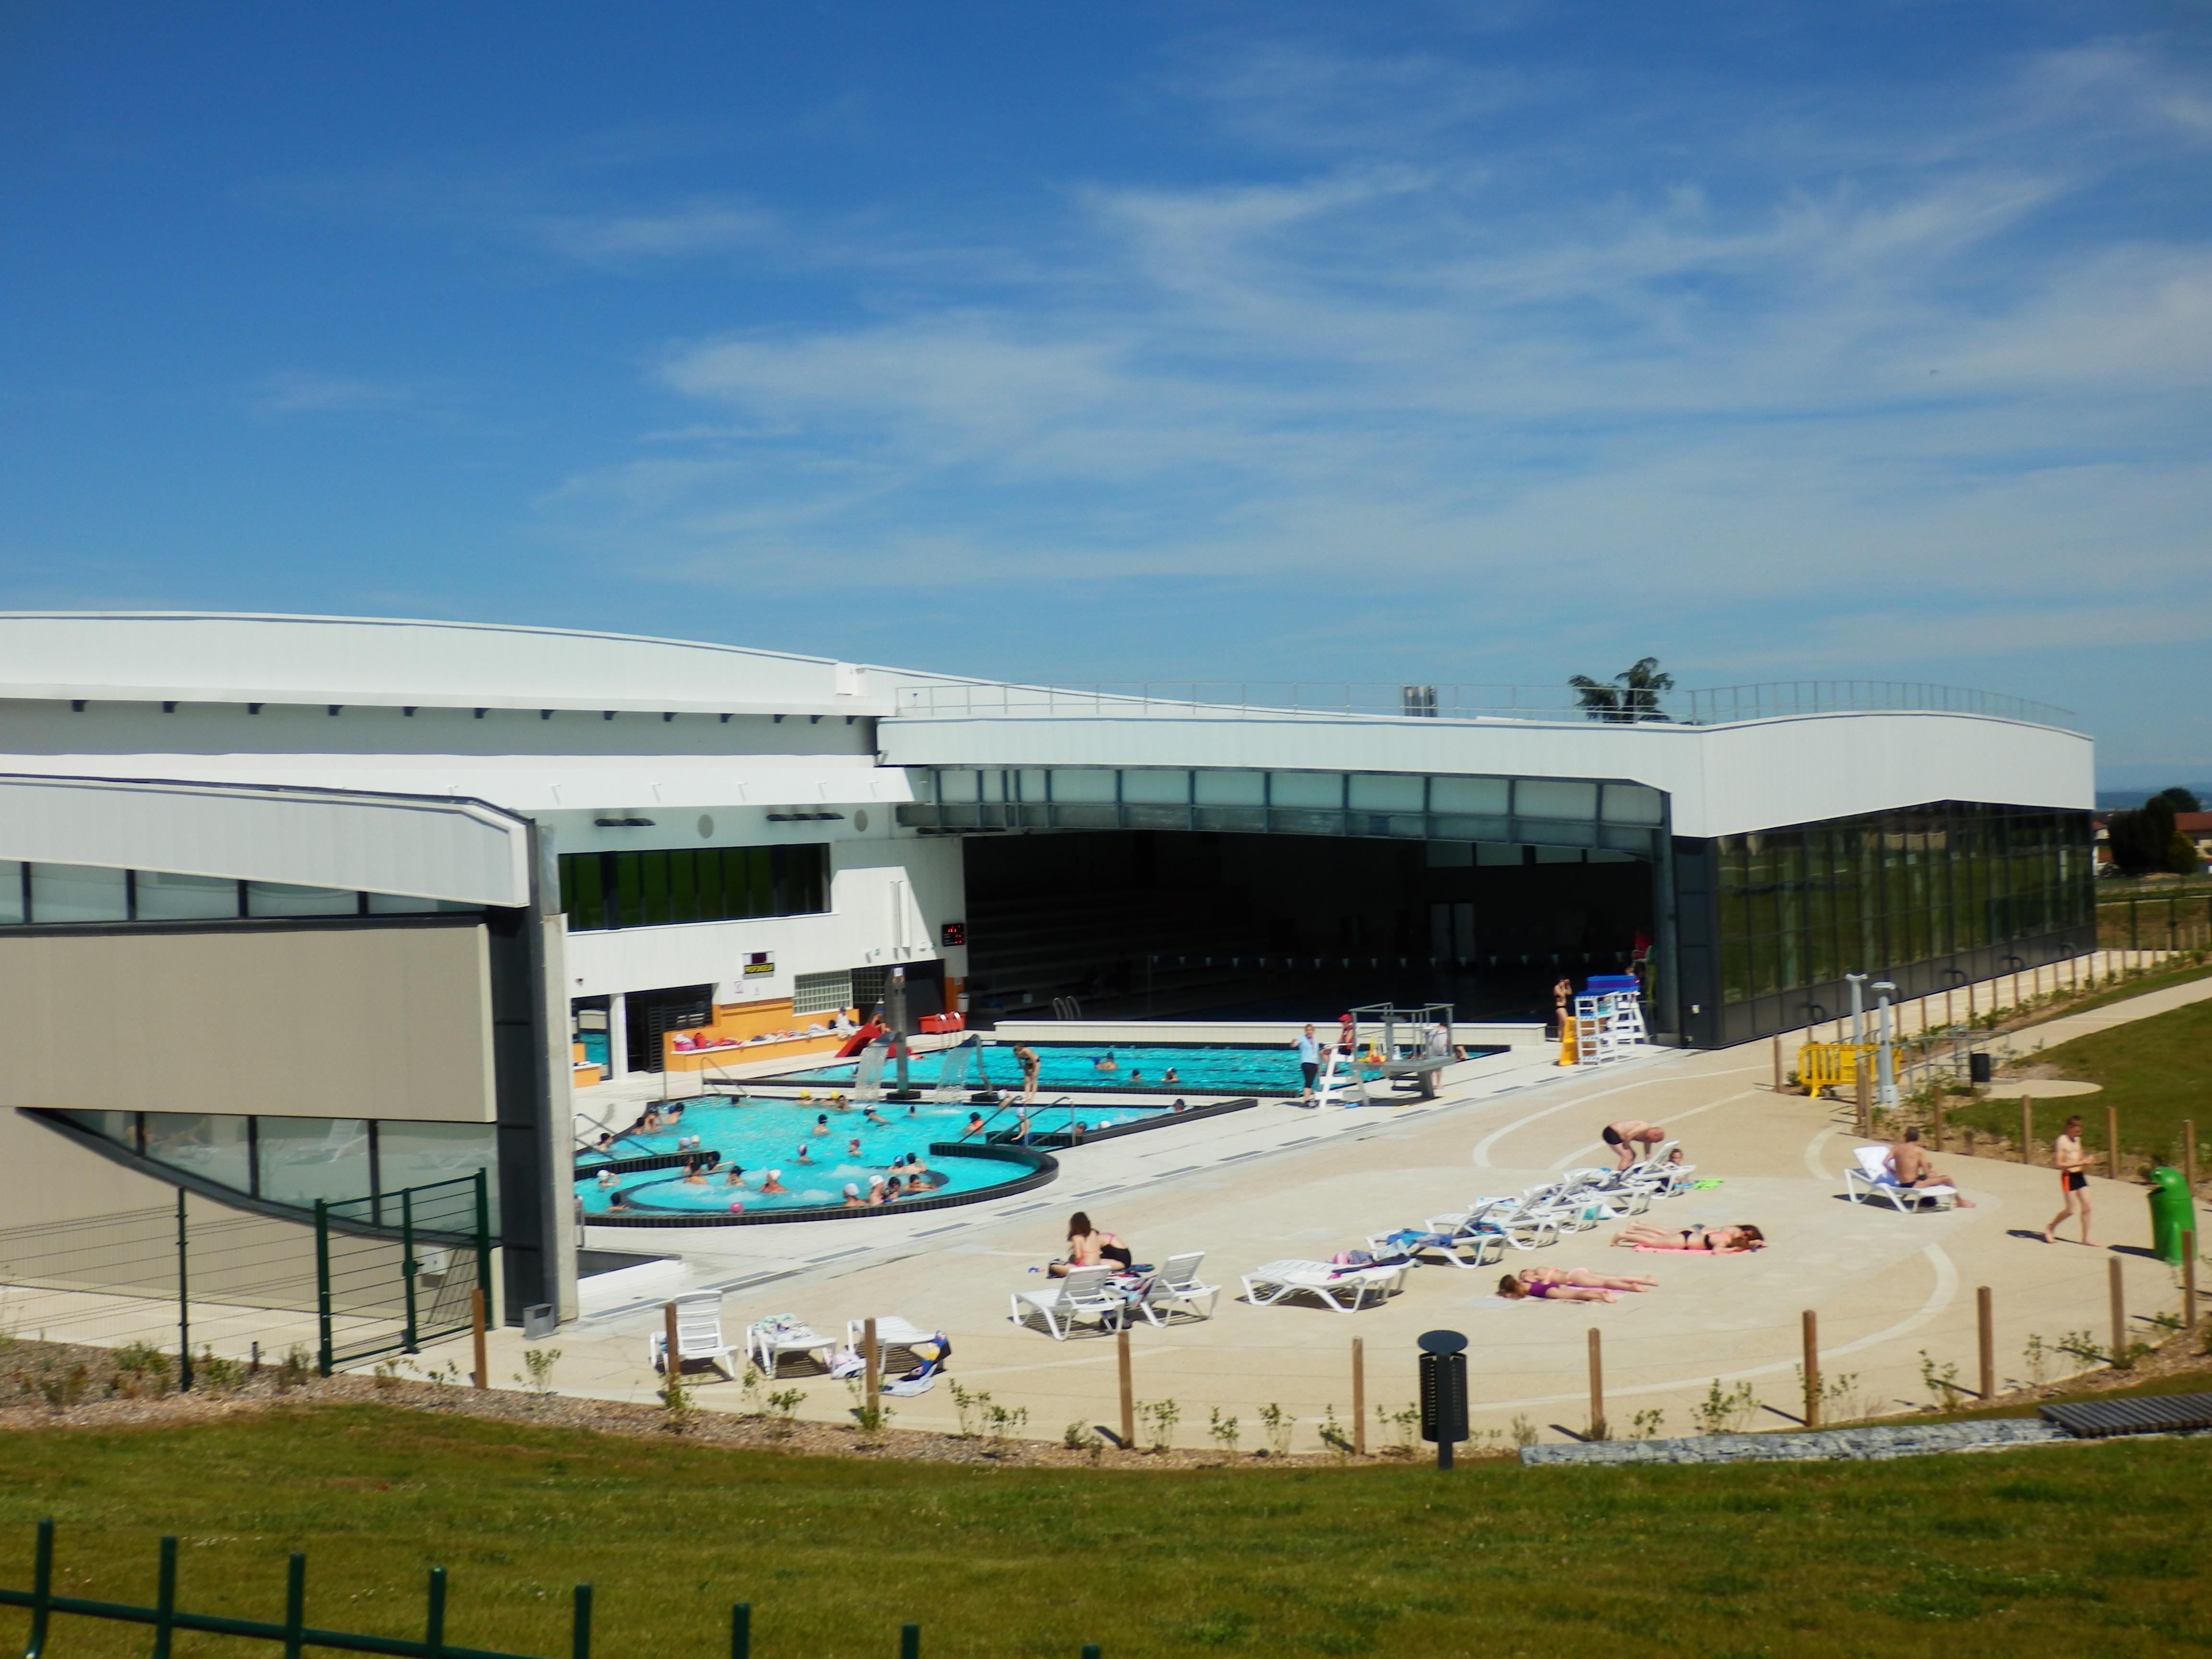 Les Avis A Mornant Nautique De L'aqueduc Centre Bassins lF3cT1JK